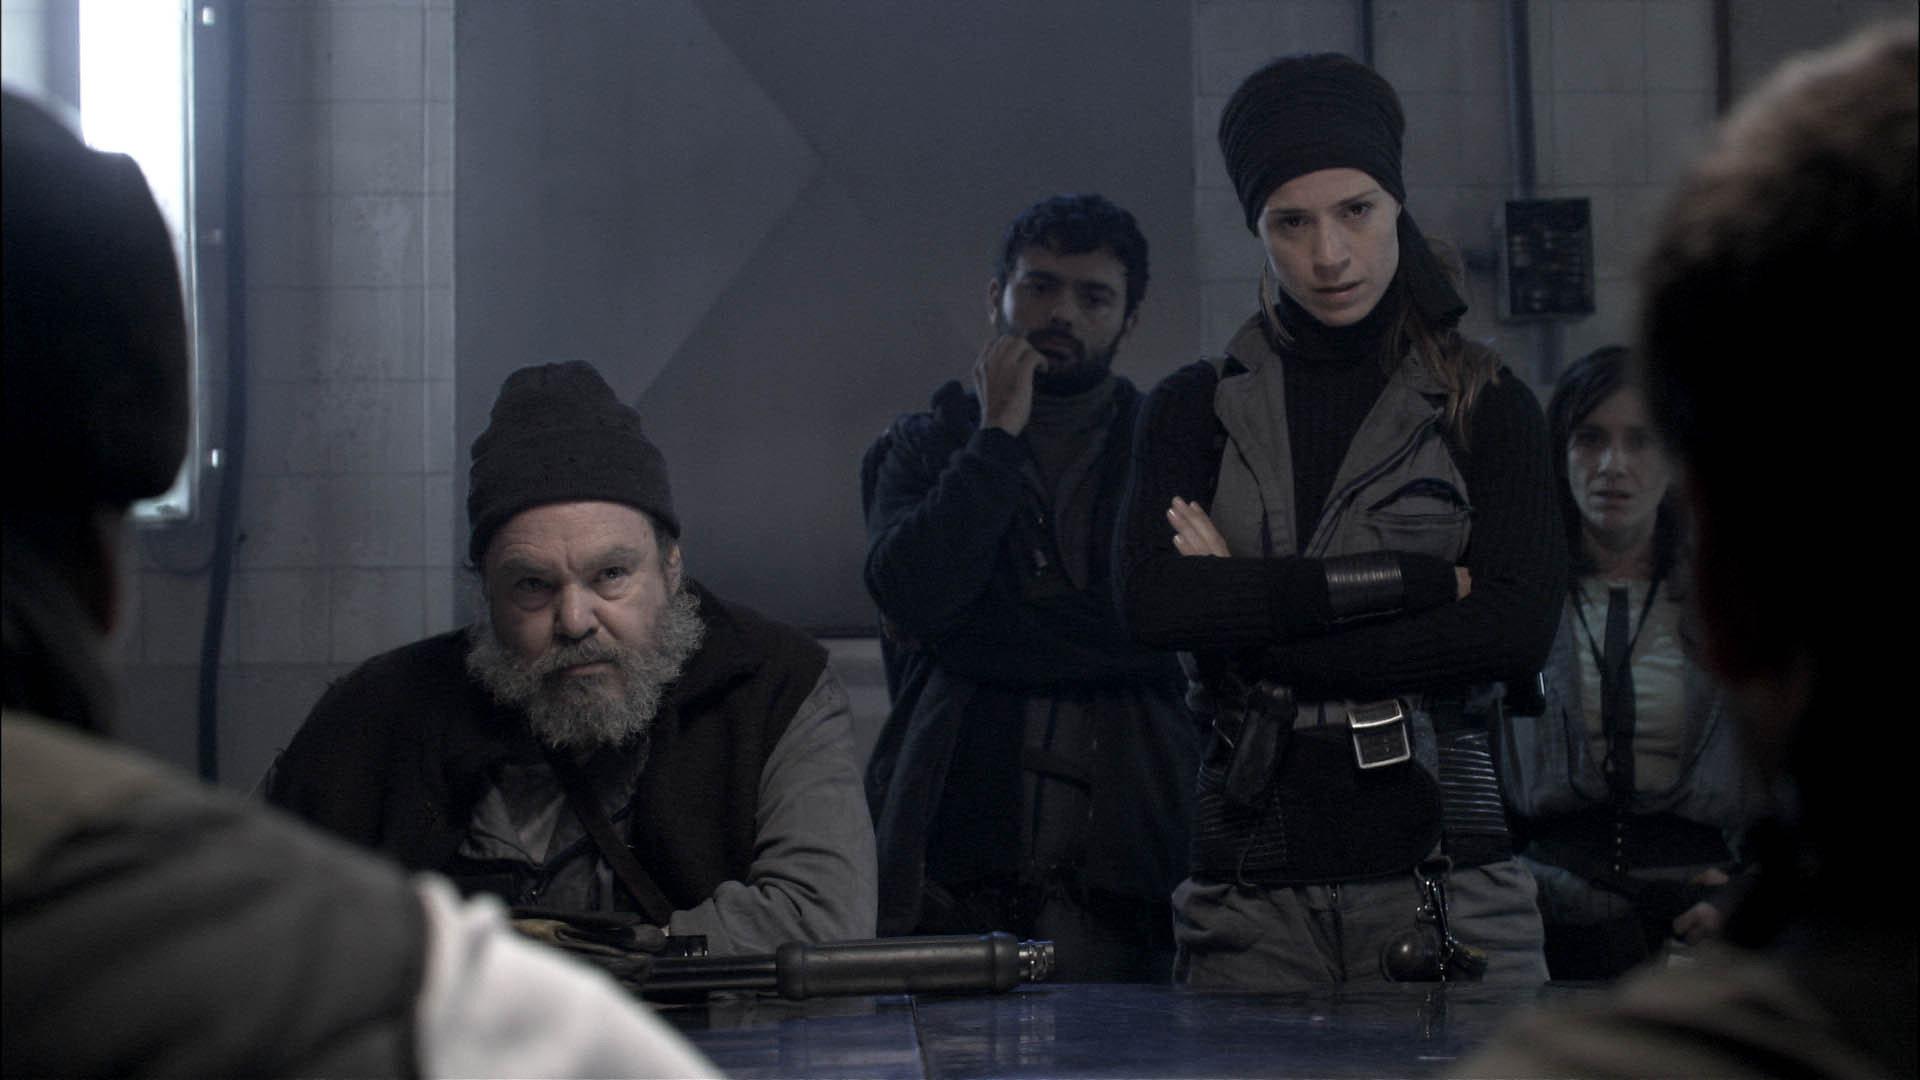 Silke, Carola Manzanares, Pepo Oliva, and Sergio Villanueva in La hora fría (2006)